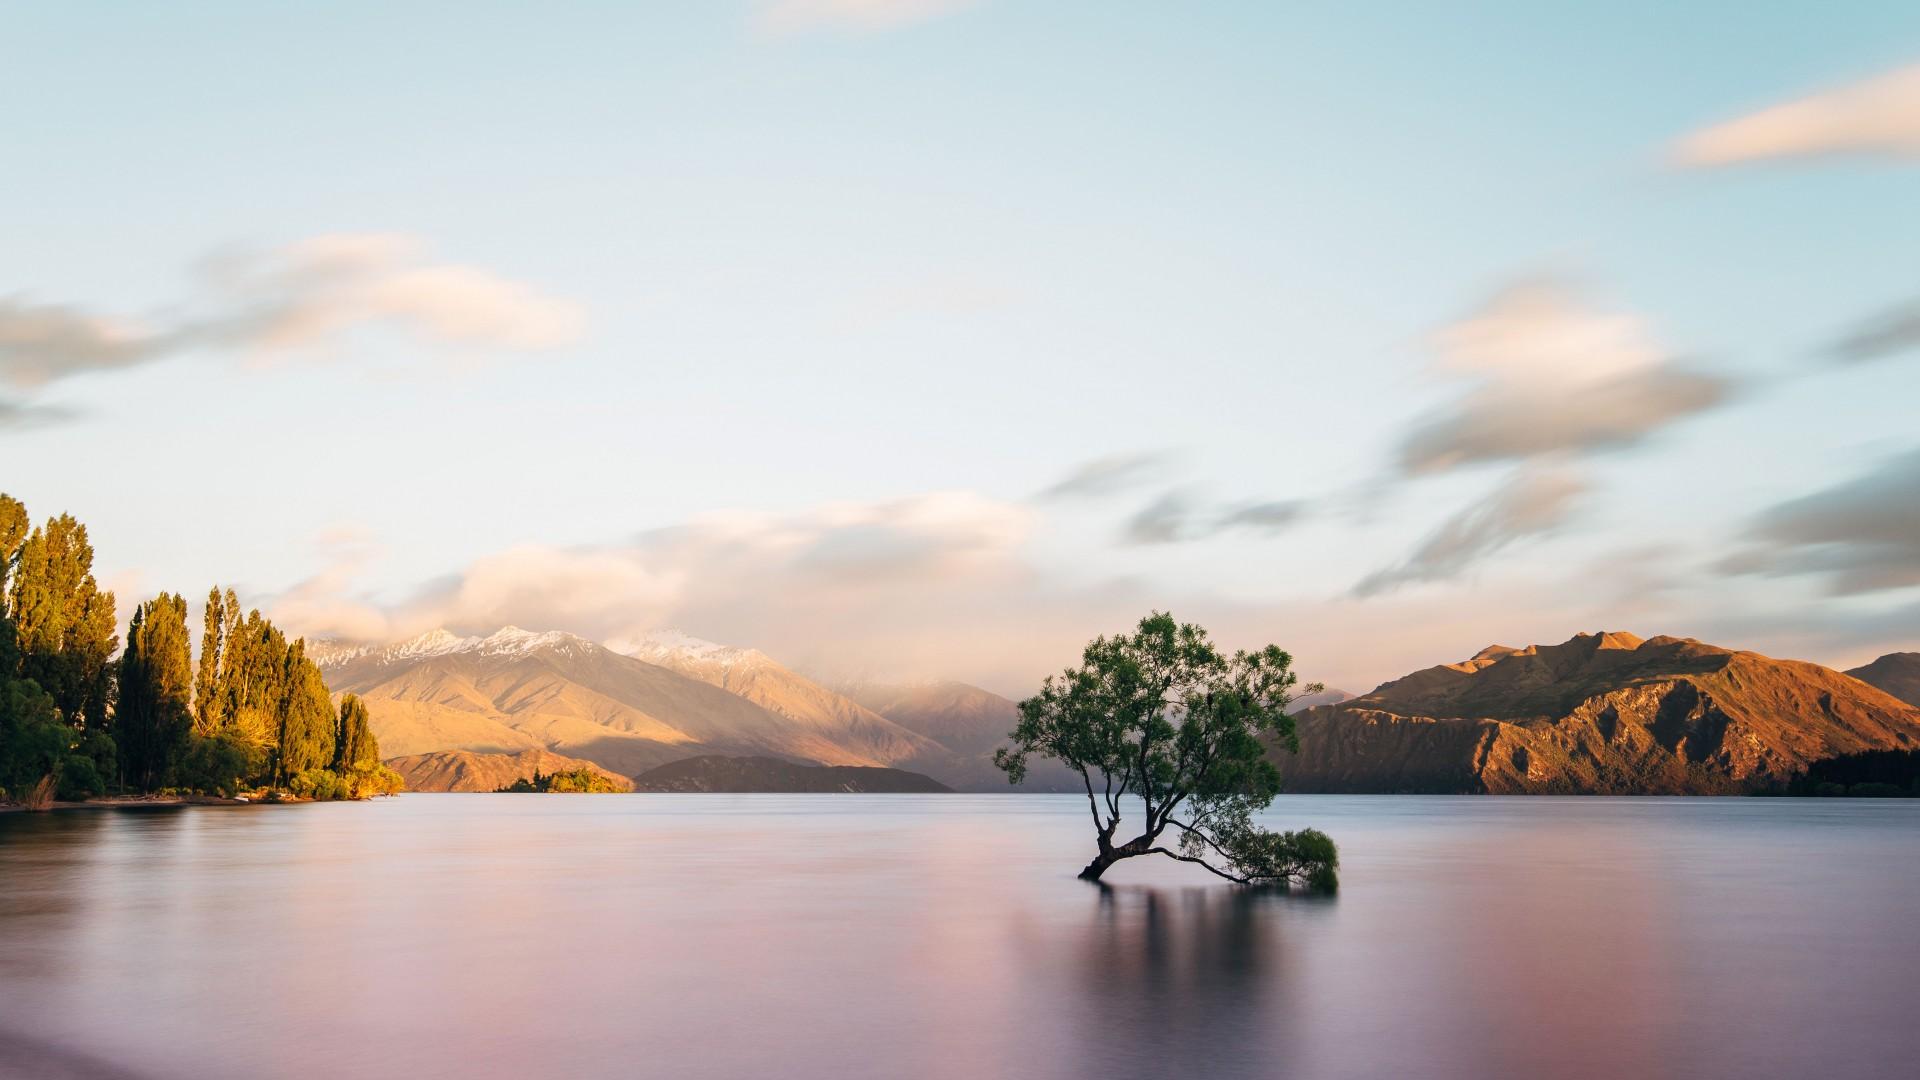 Famous tree at Lake Wanaka in New Zealand